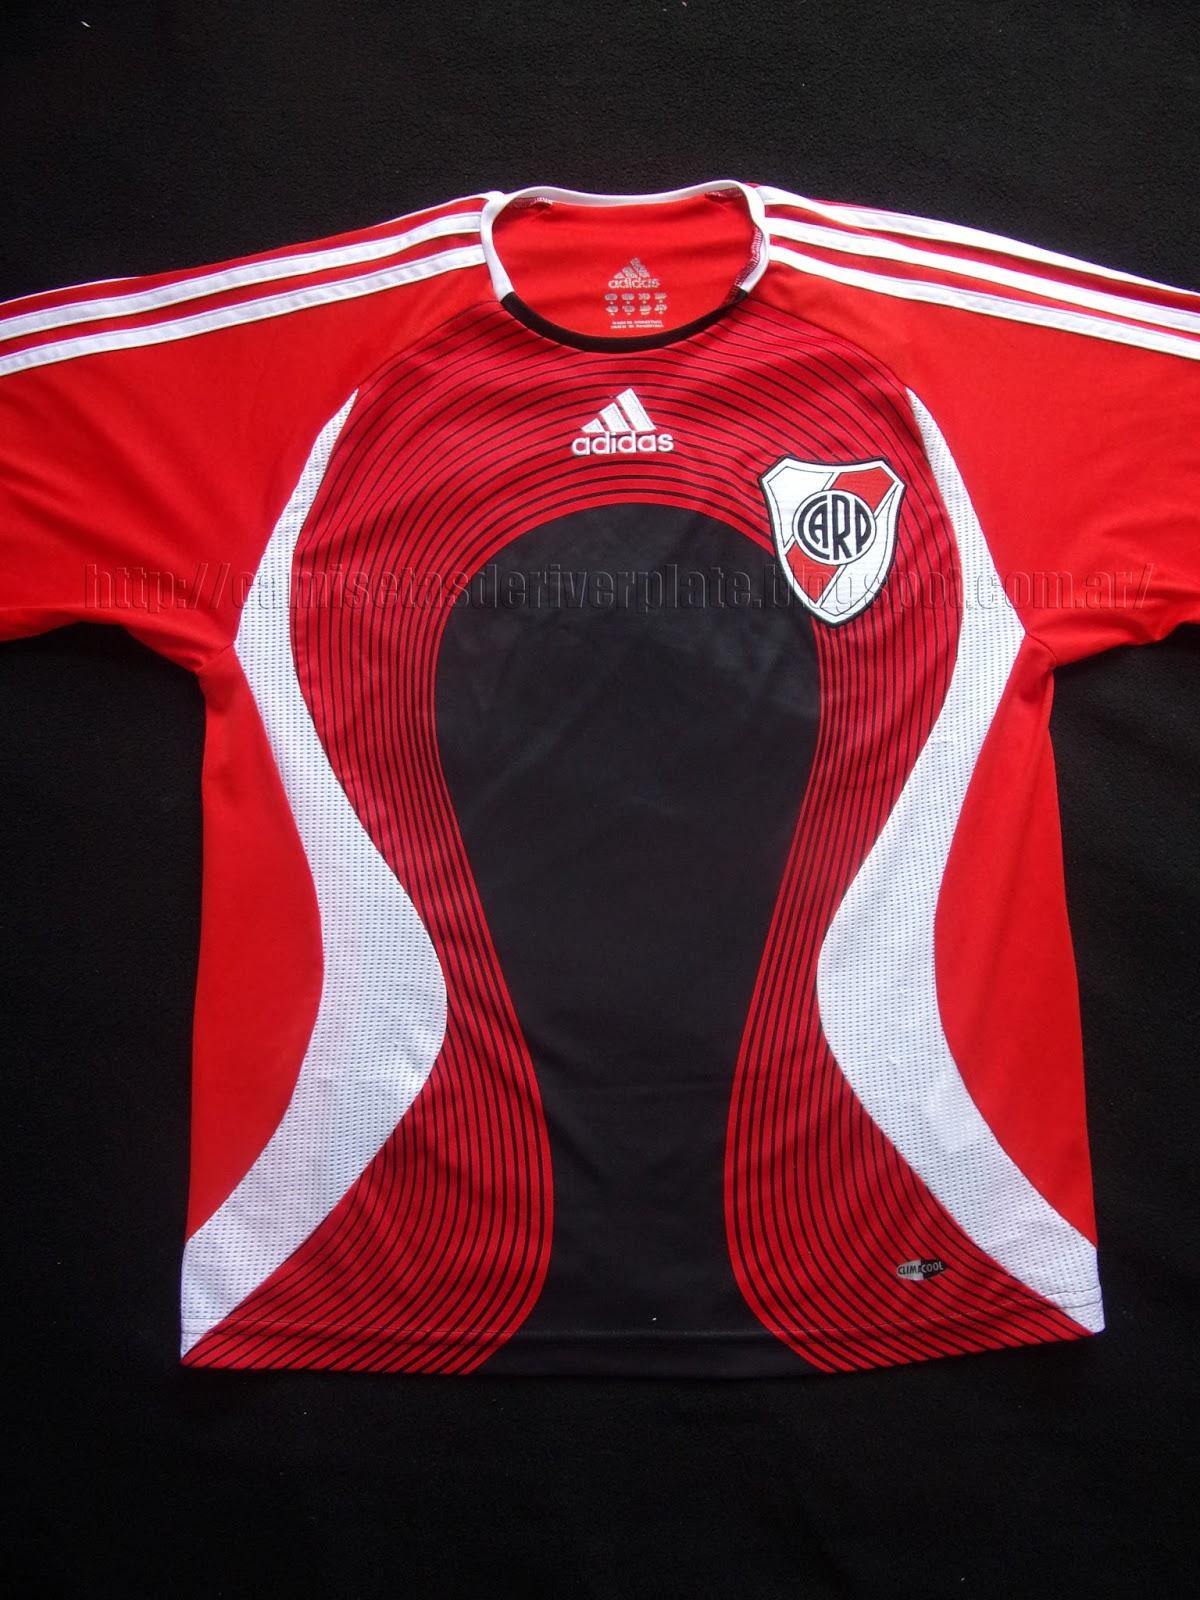 Camisetas de River Plate  Remera Entrenamiento 2006 2007 ee257e2ee6a89